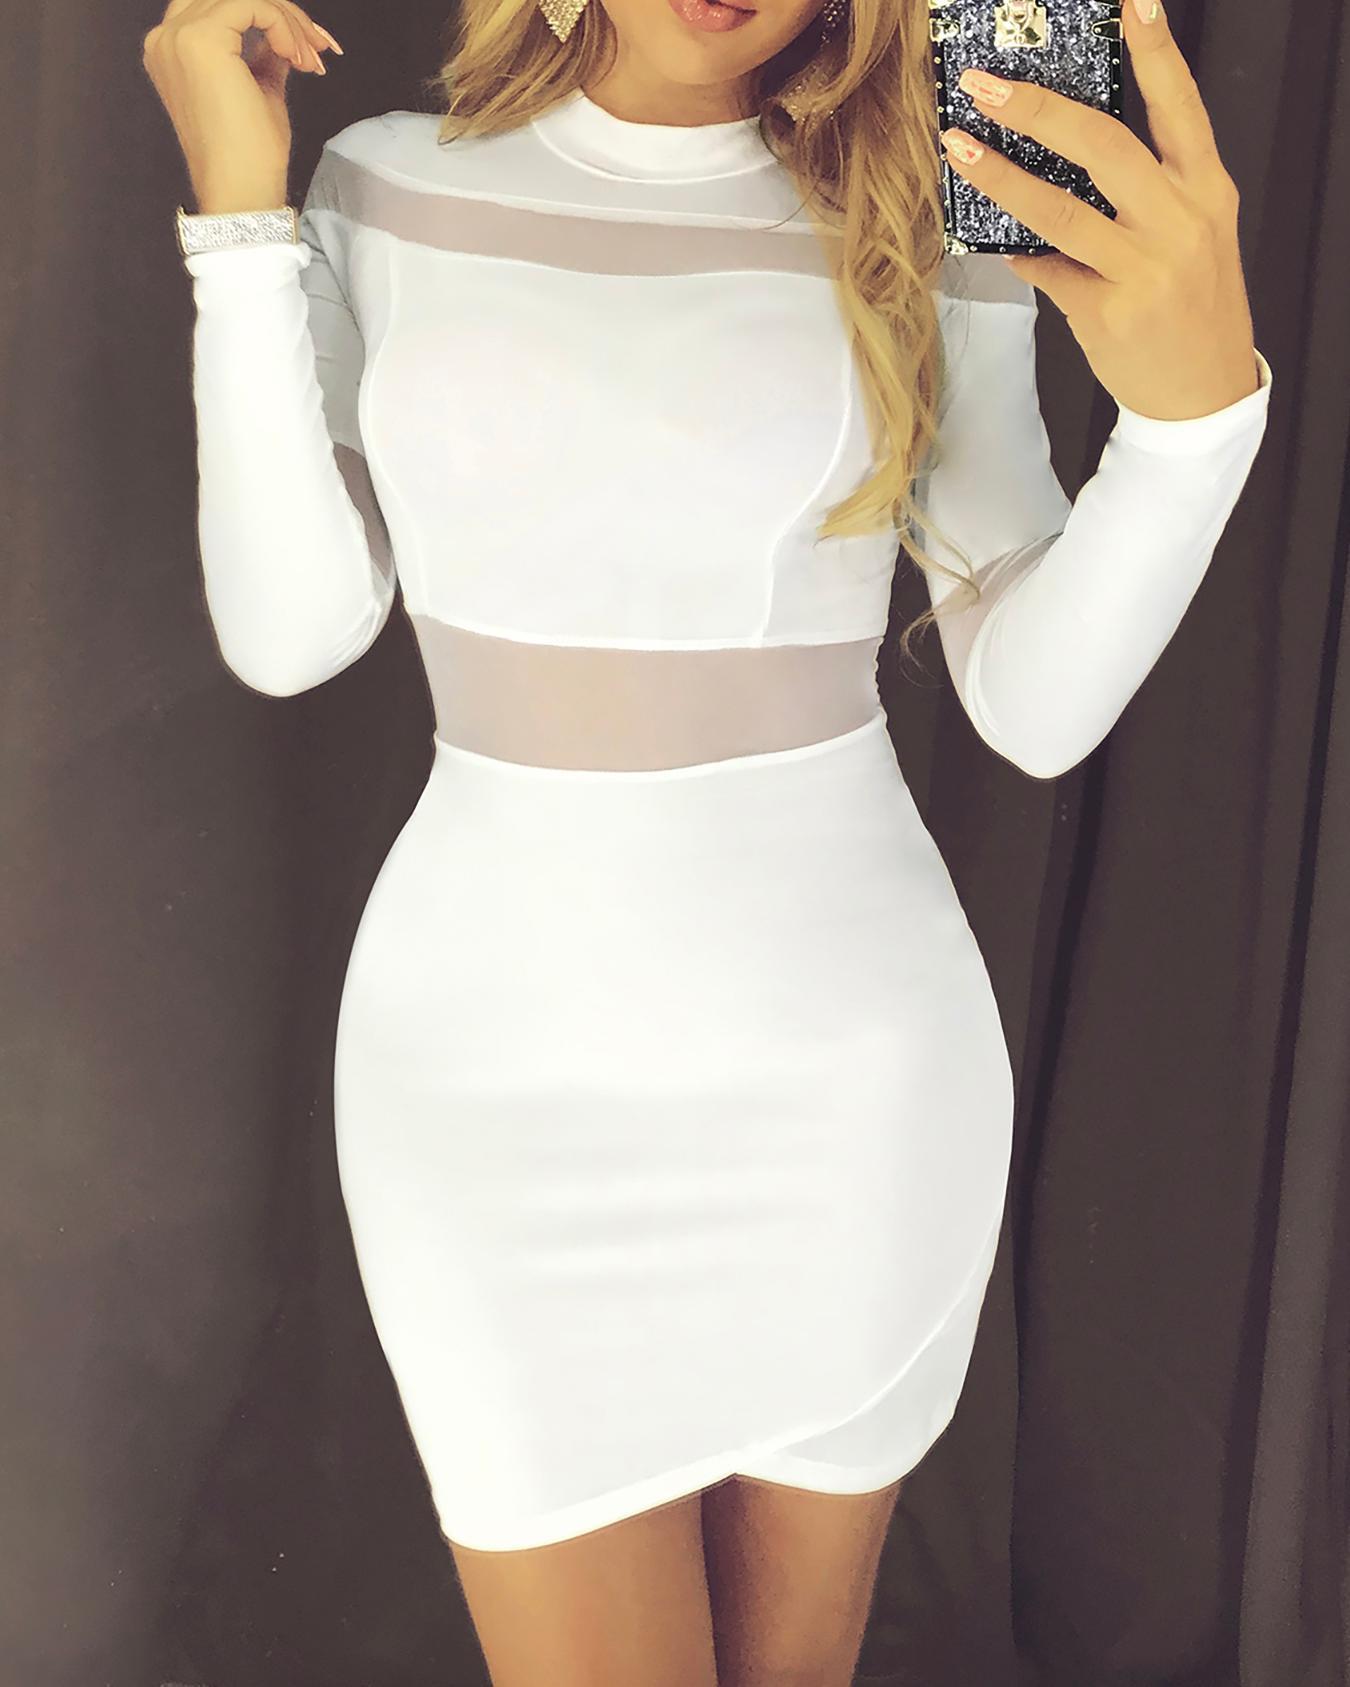 boutiquefeel / Malha de pescoço alta inserir bodycon vestido